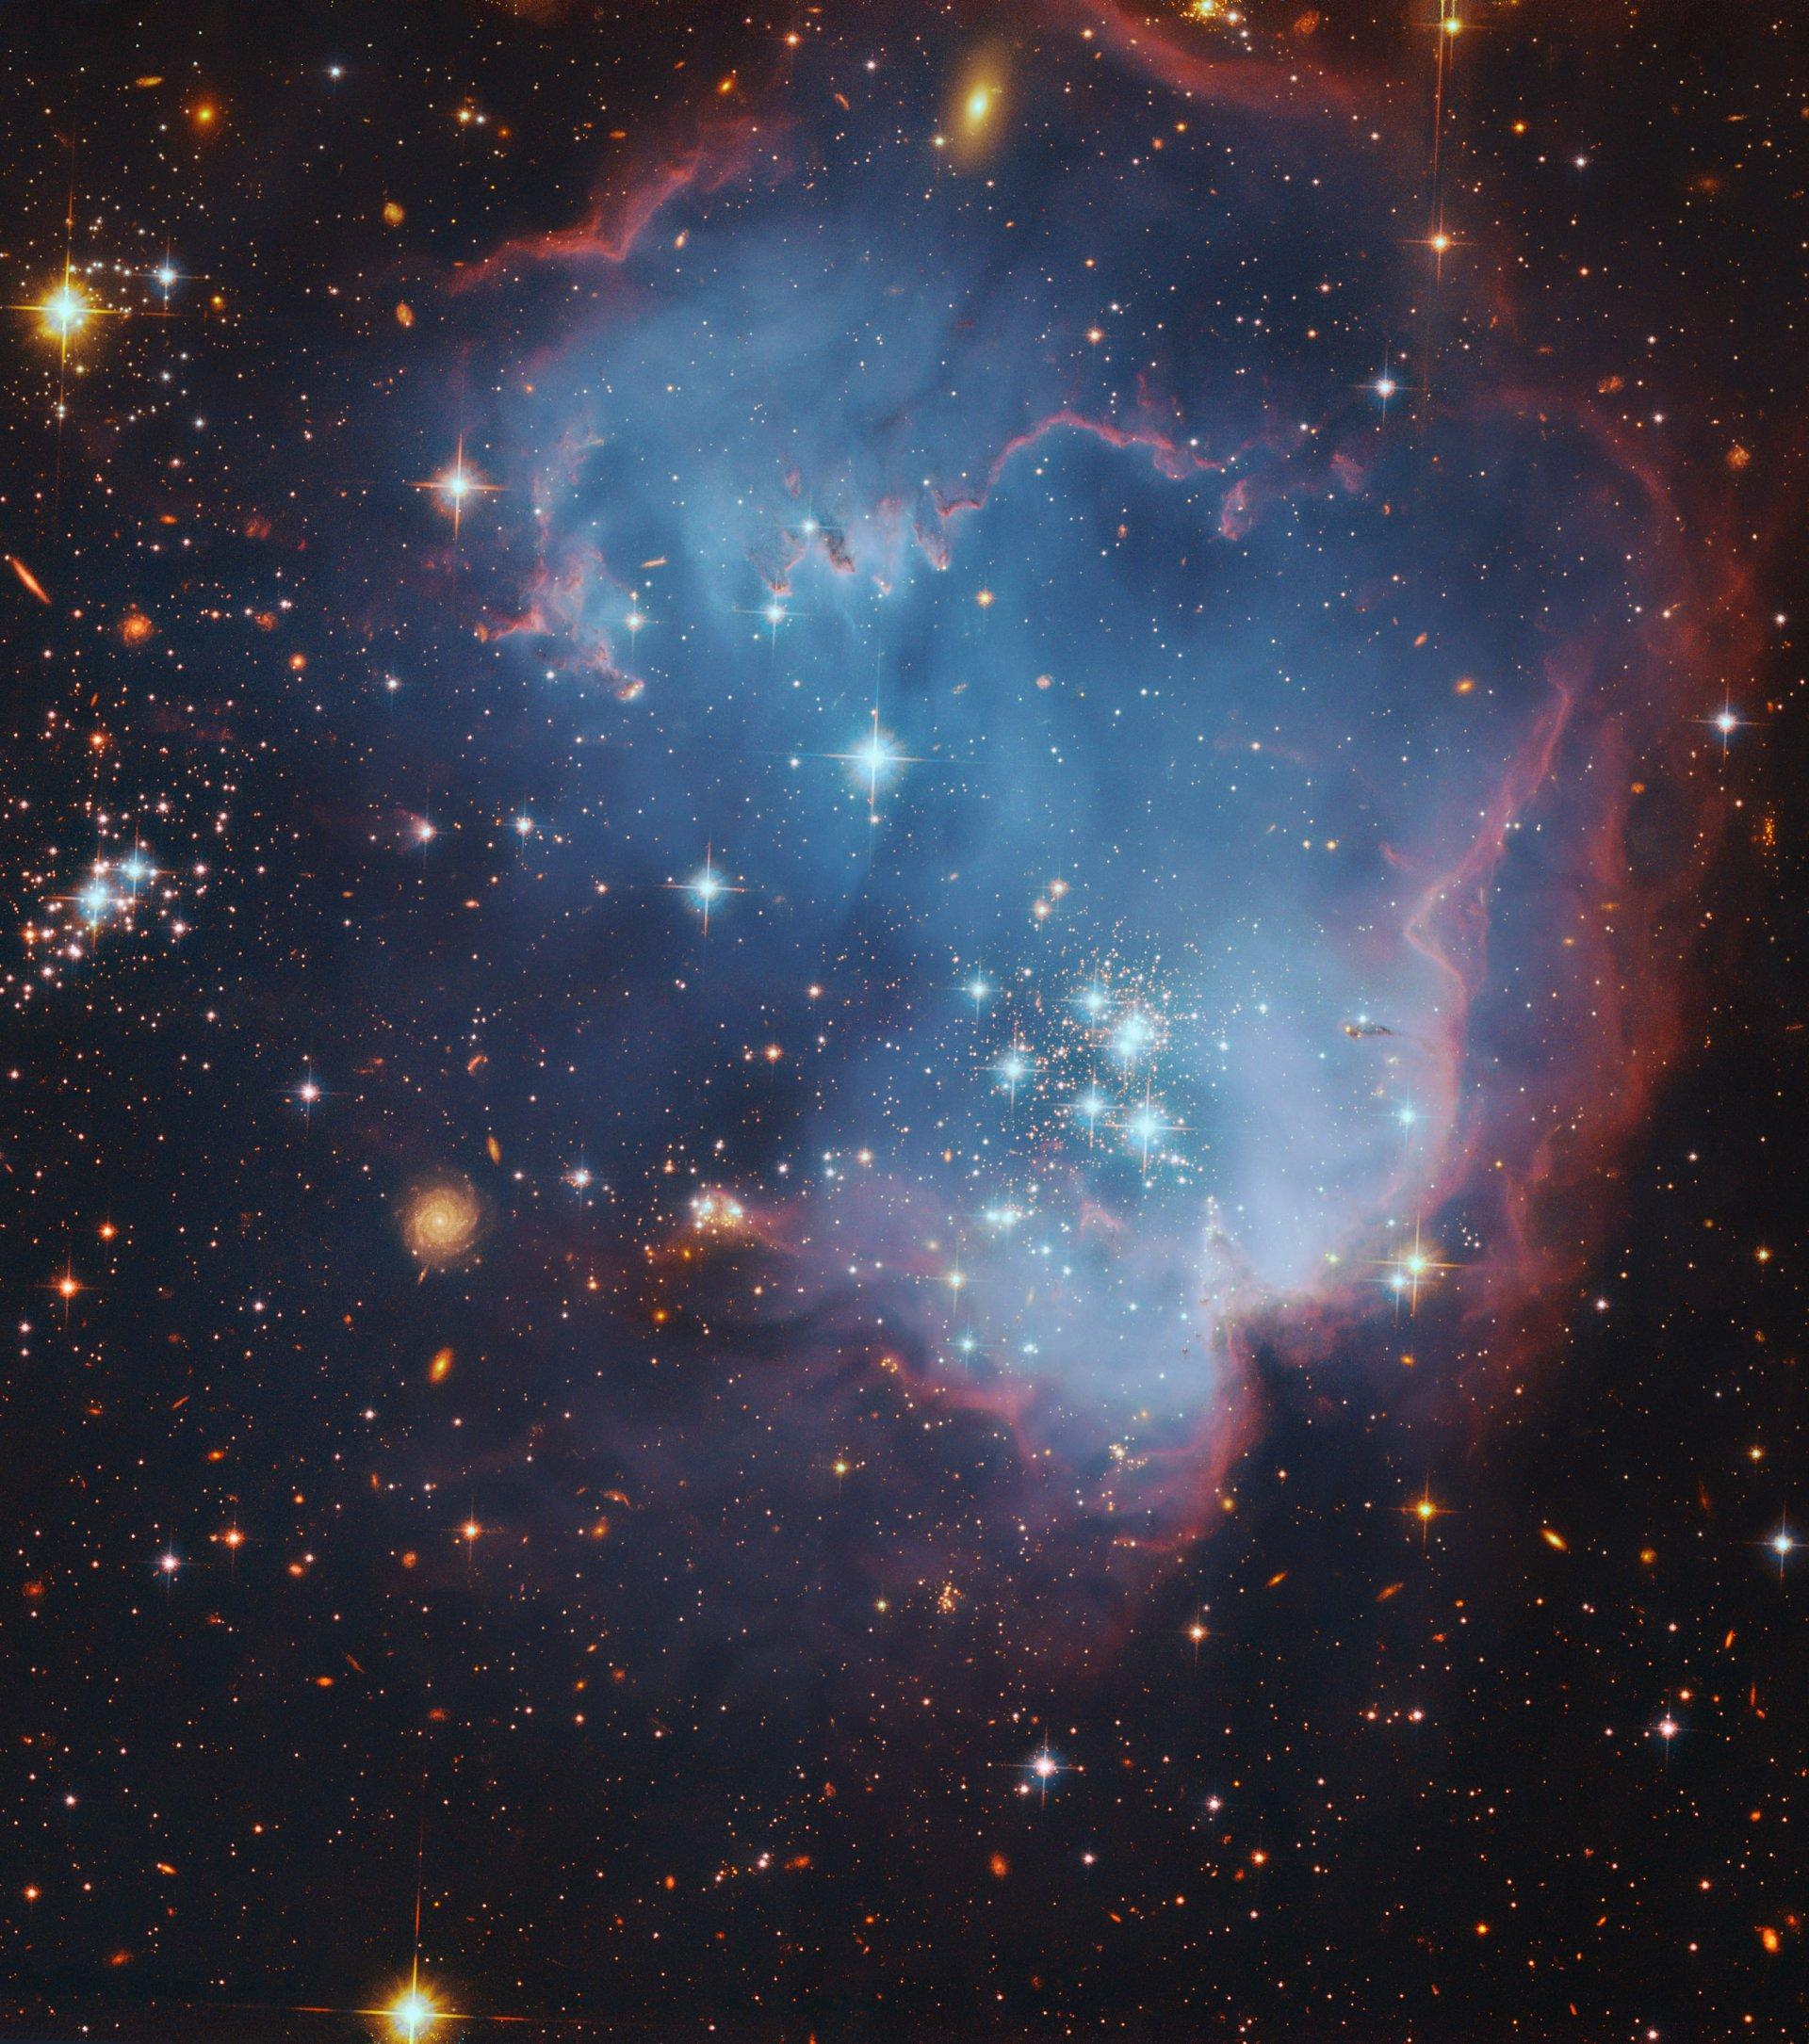 вашего картинки космос звезды галактика ему достаточное